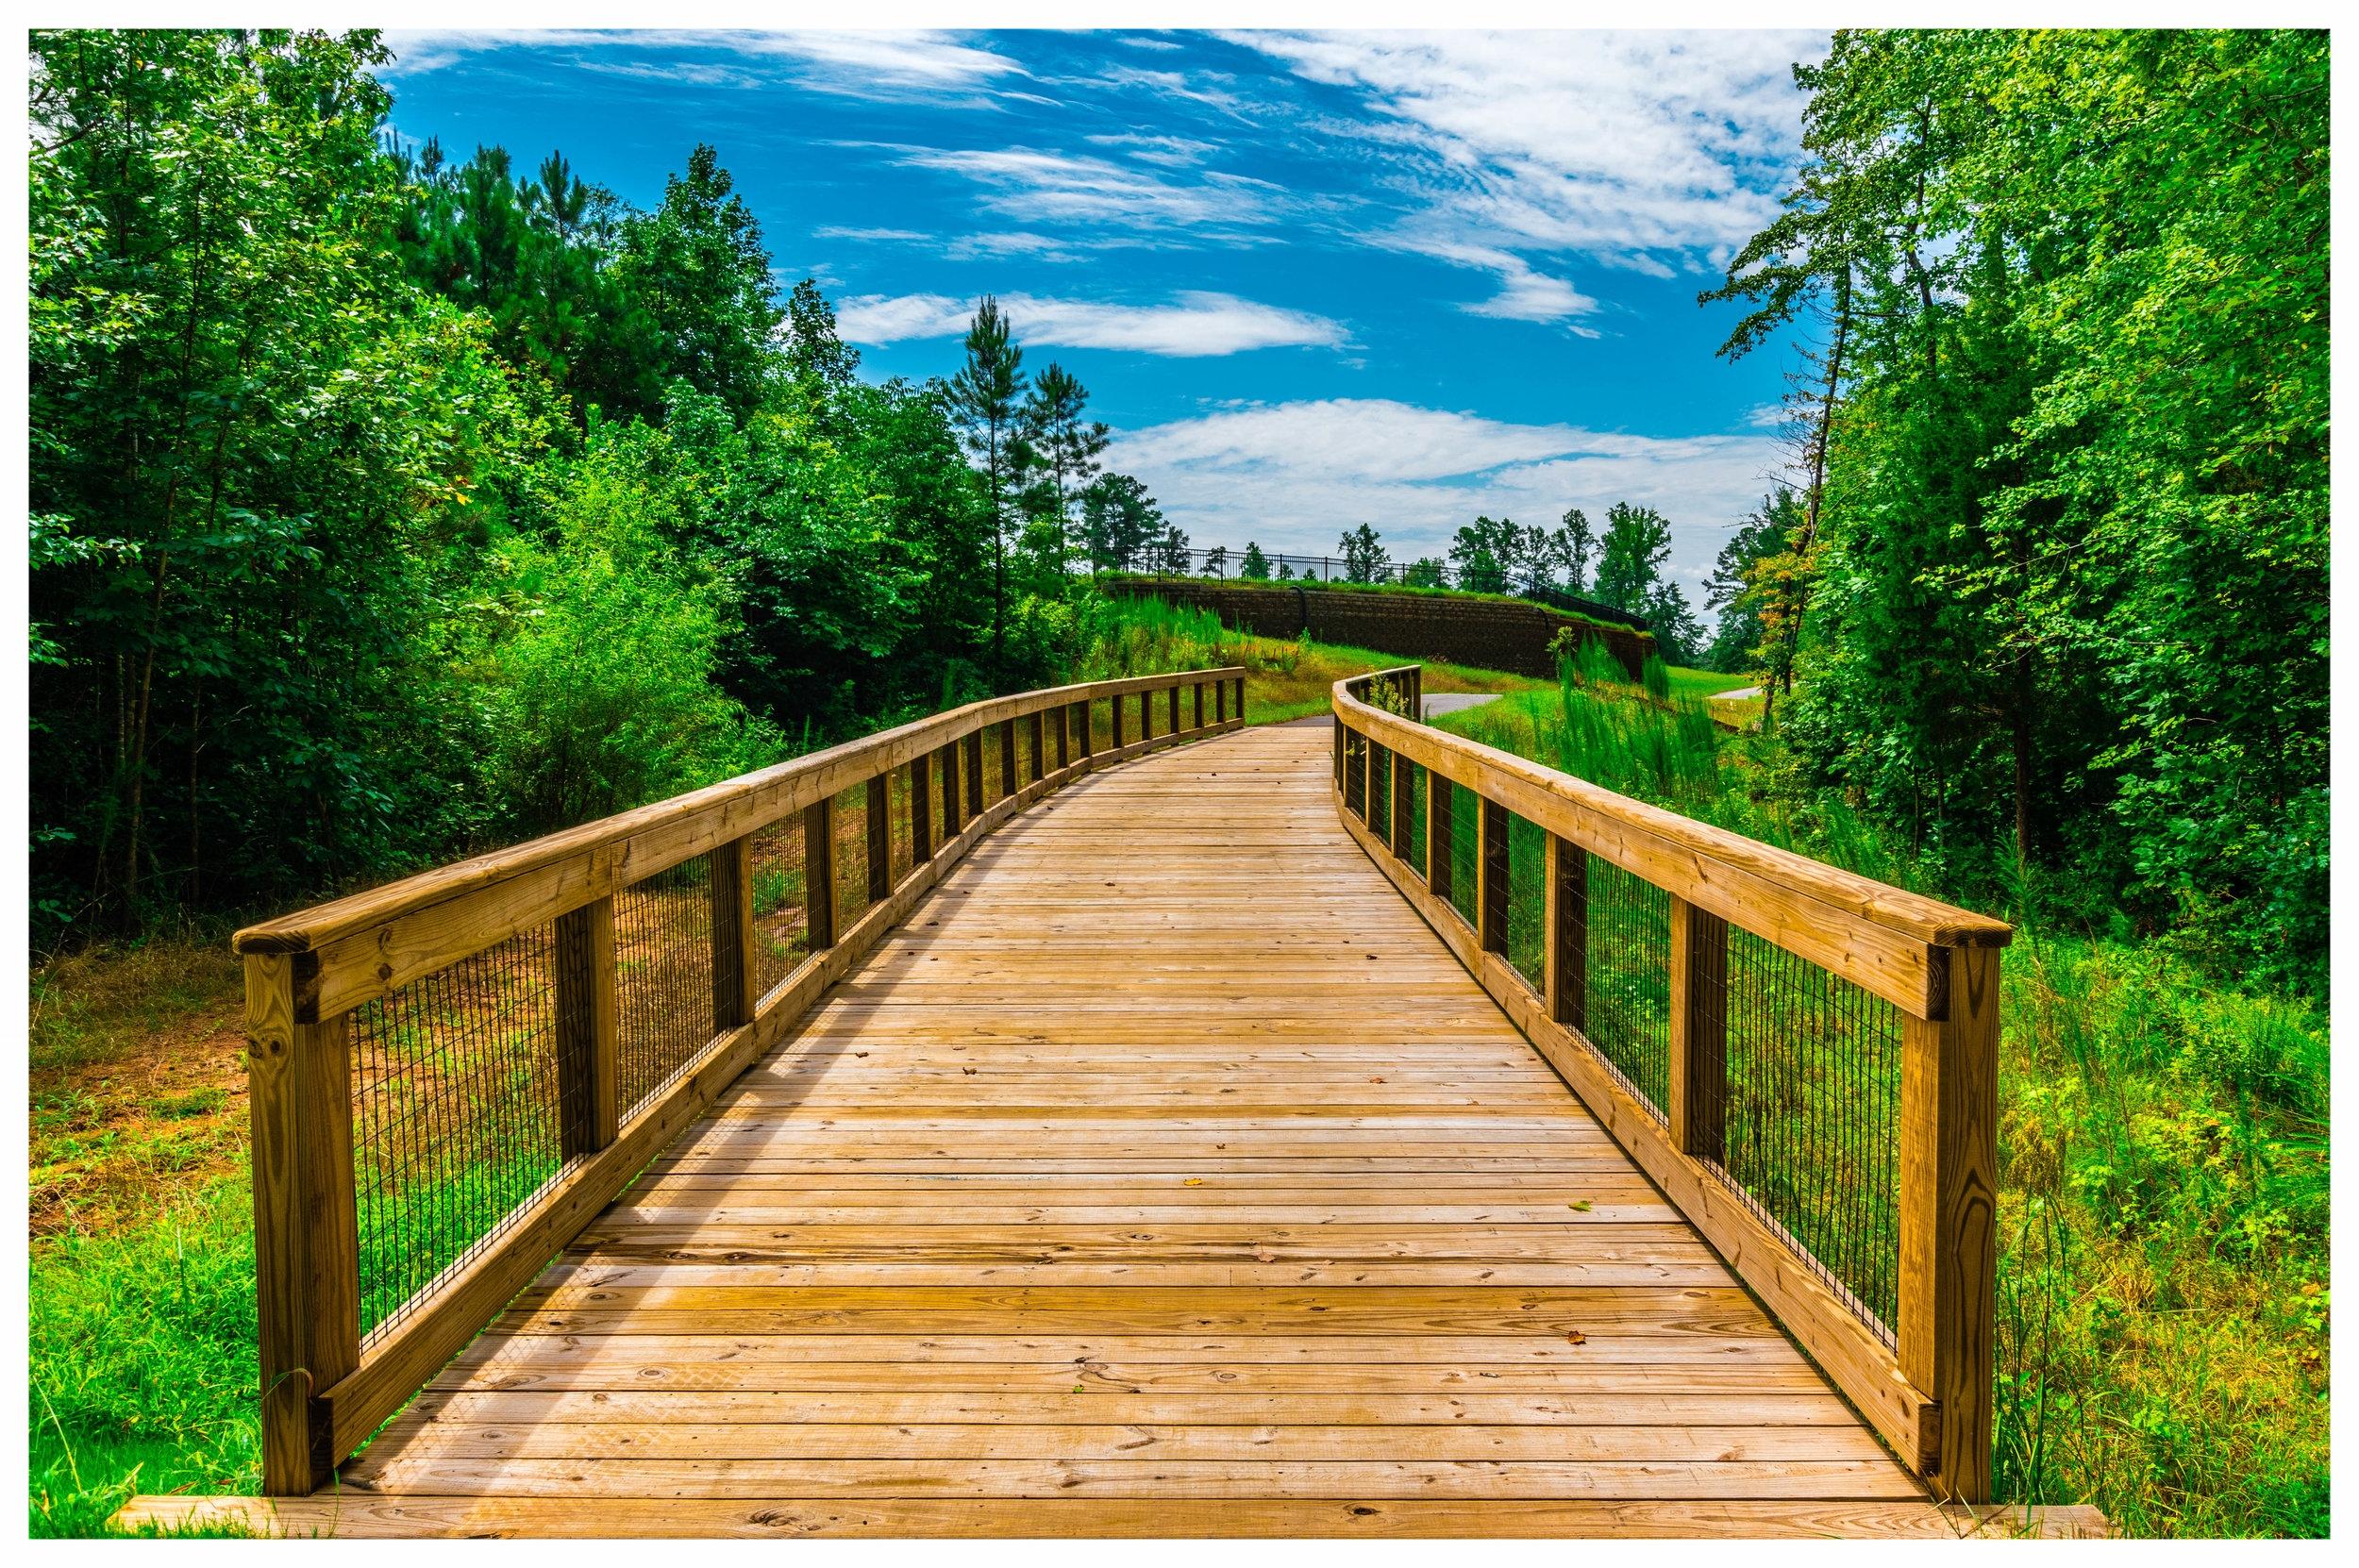 Wooden Footbridge Builder